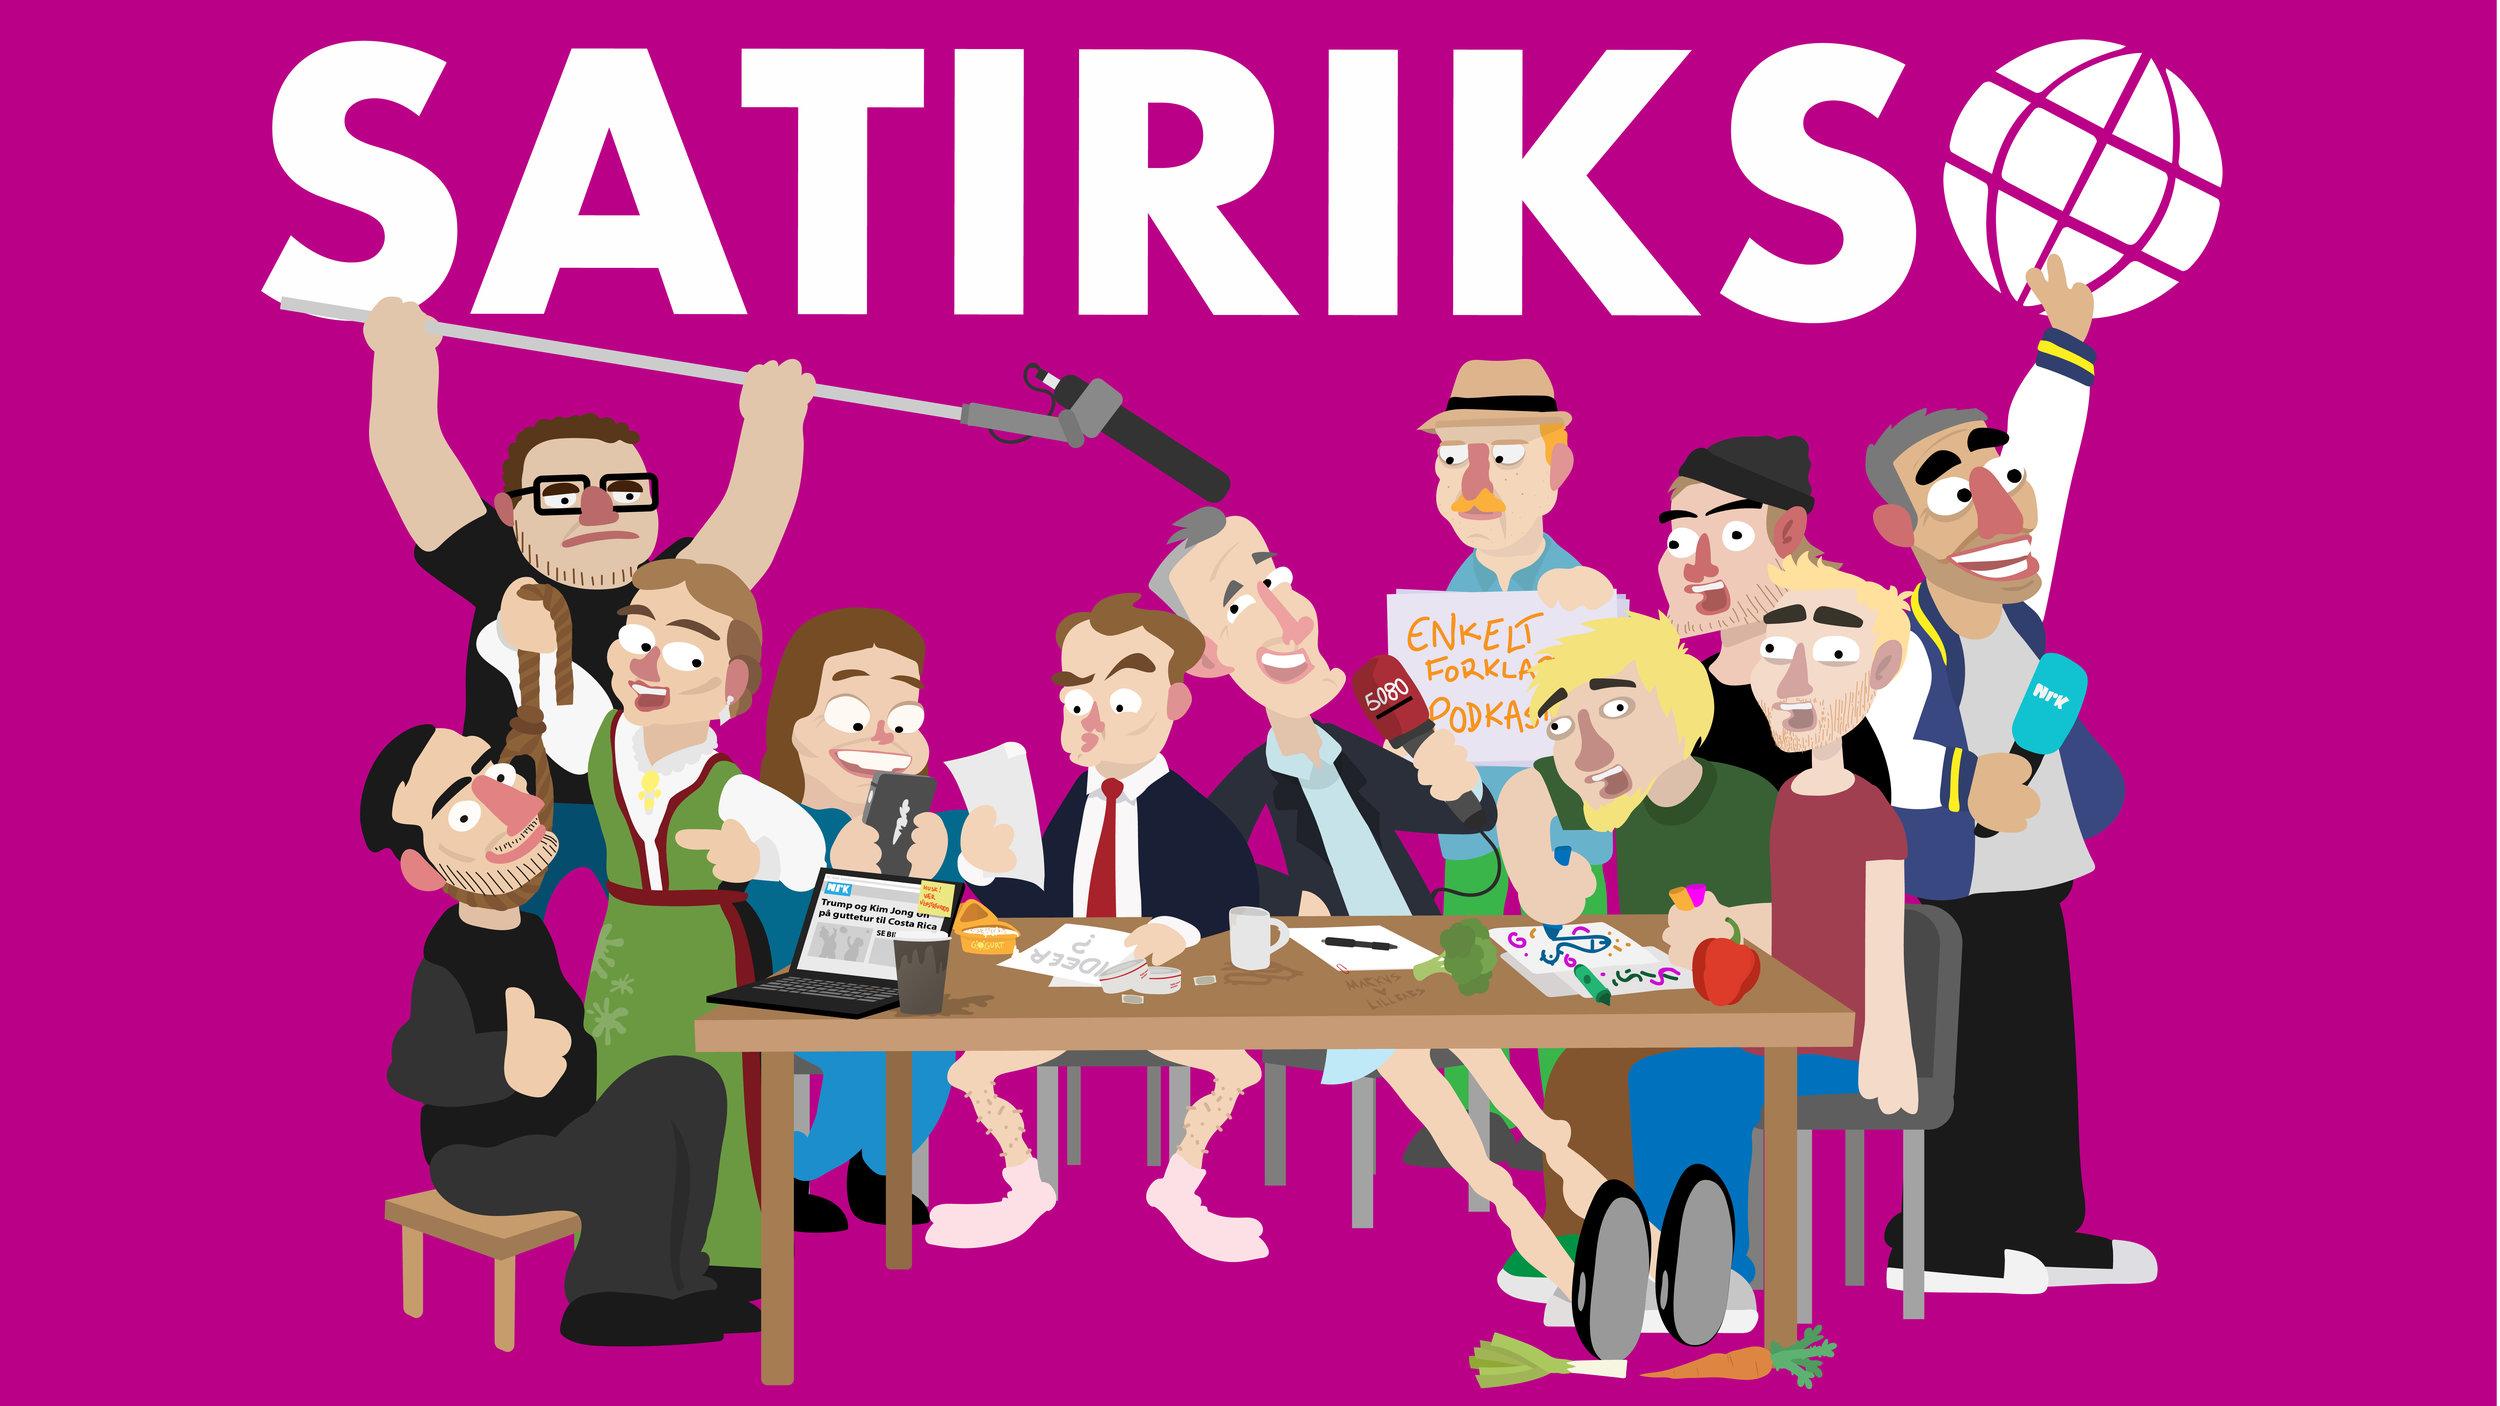 NRK SATIRIKS - LIVE PÅ EDDERKOPPEN